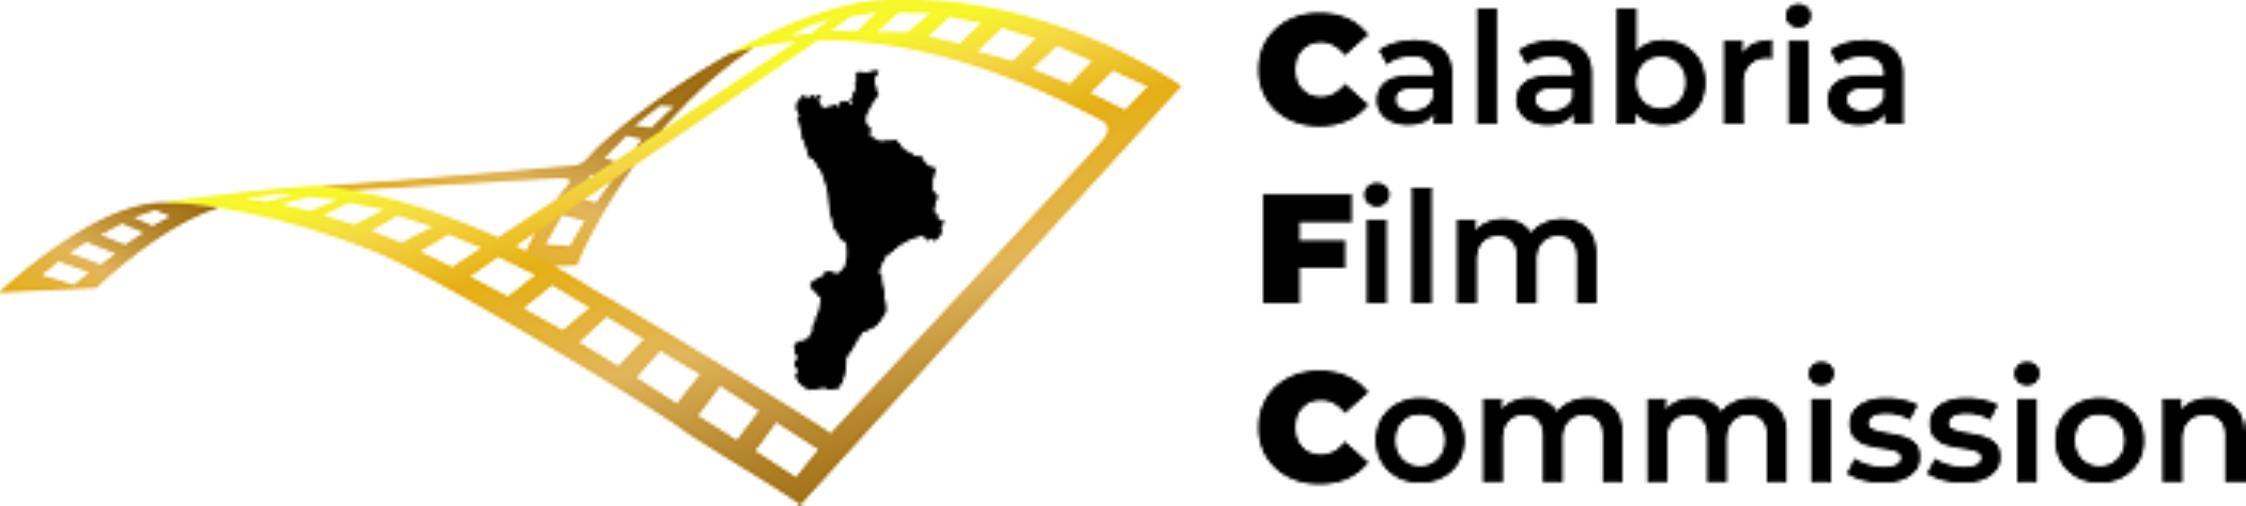 Calabria film commission. 33 le produzioni partecipanti all'avviso 2020 che passano alla valutazione di merito